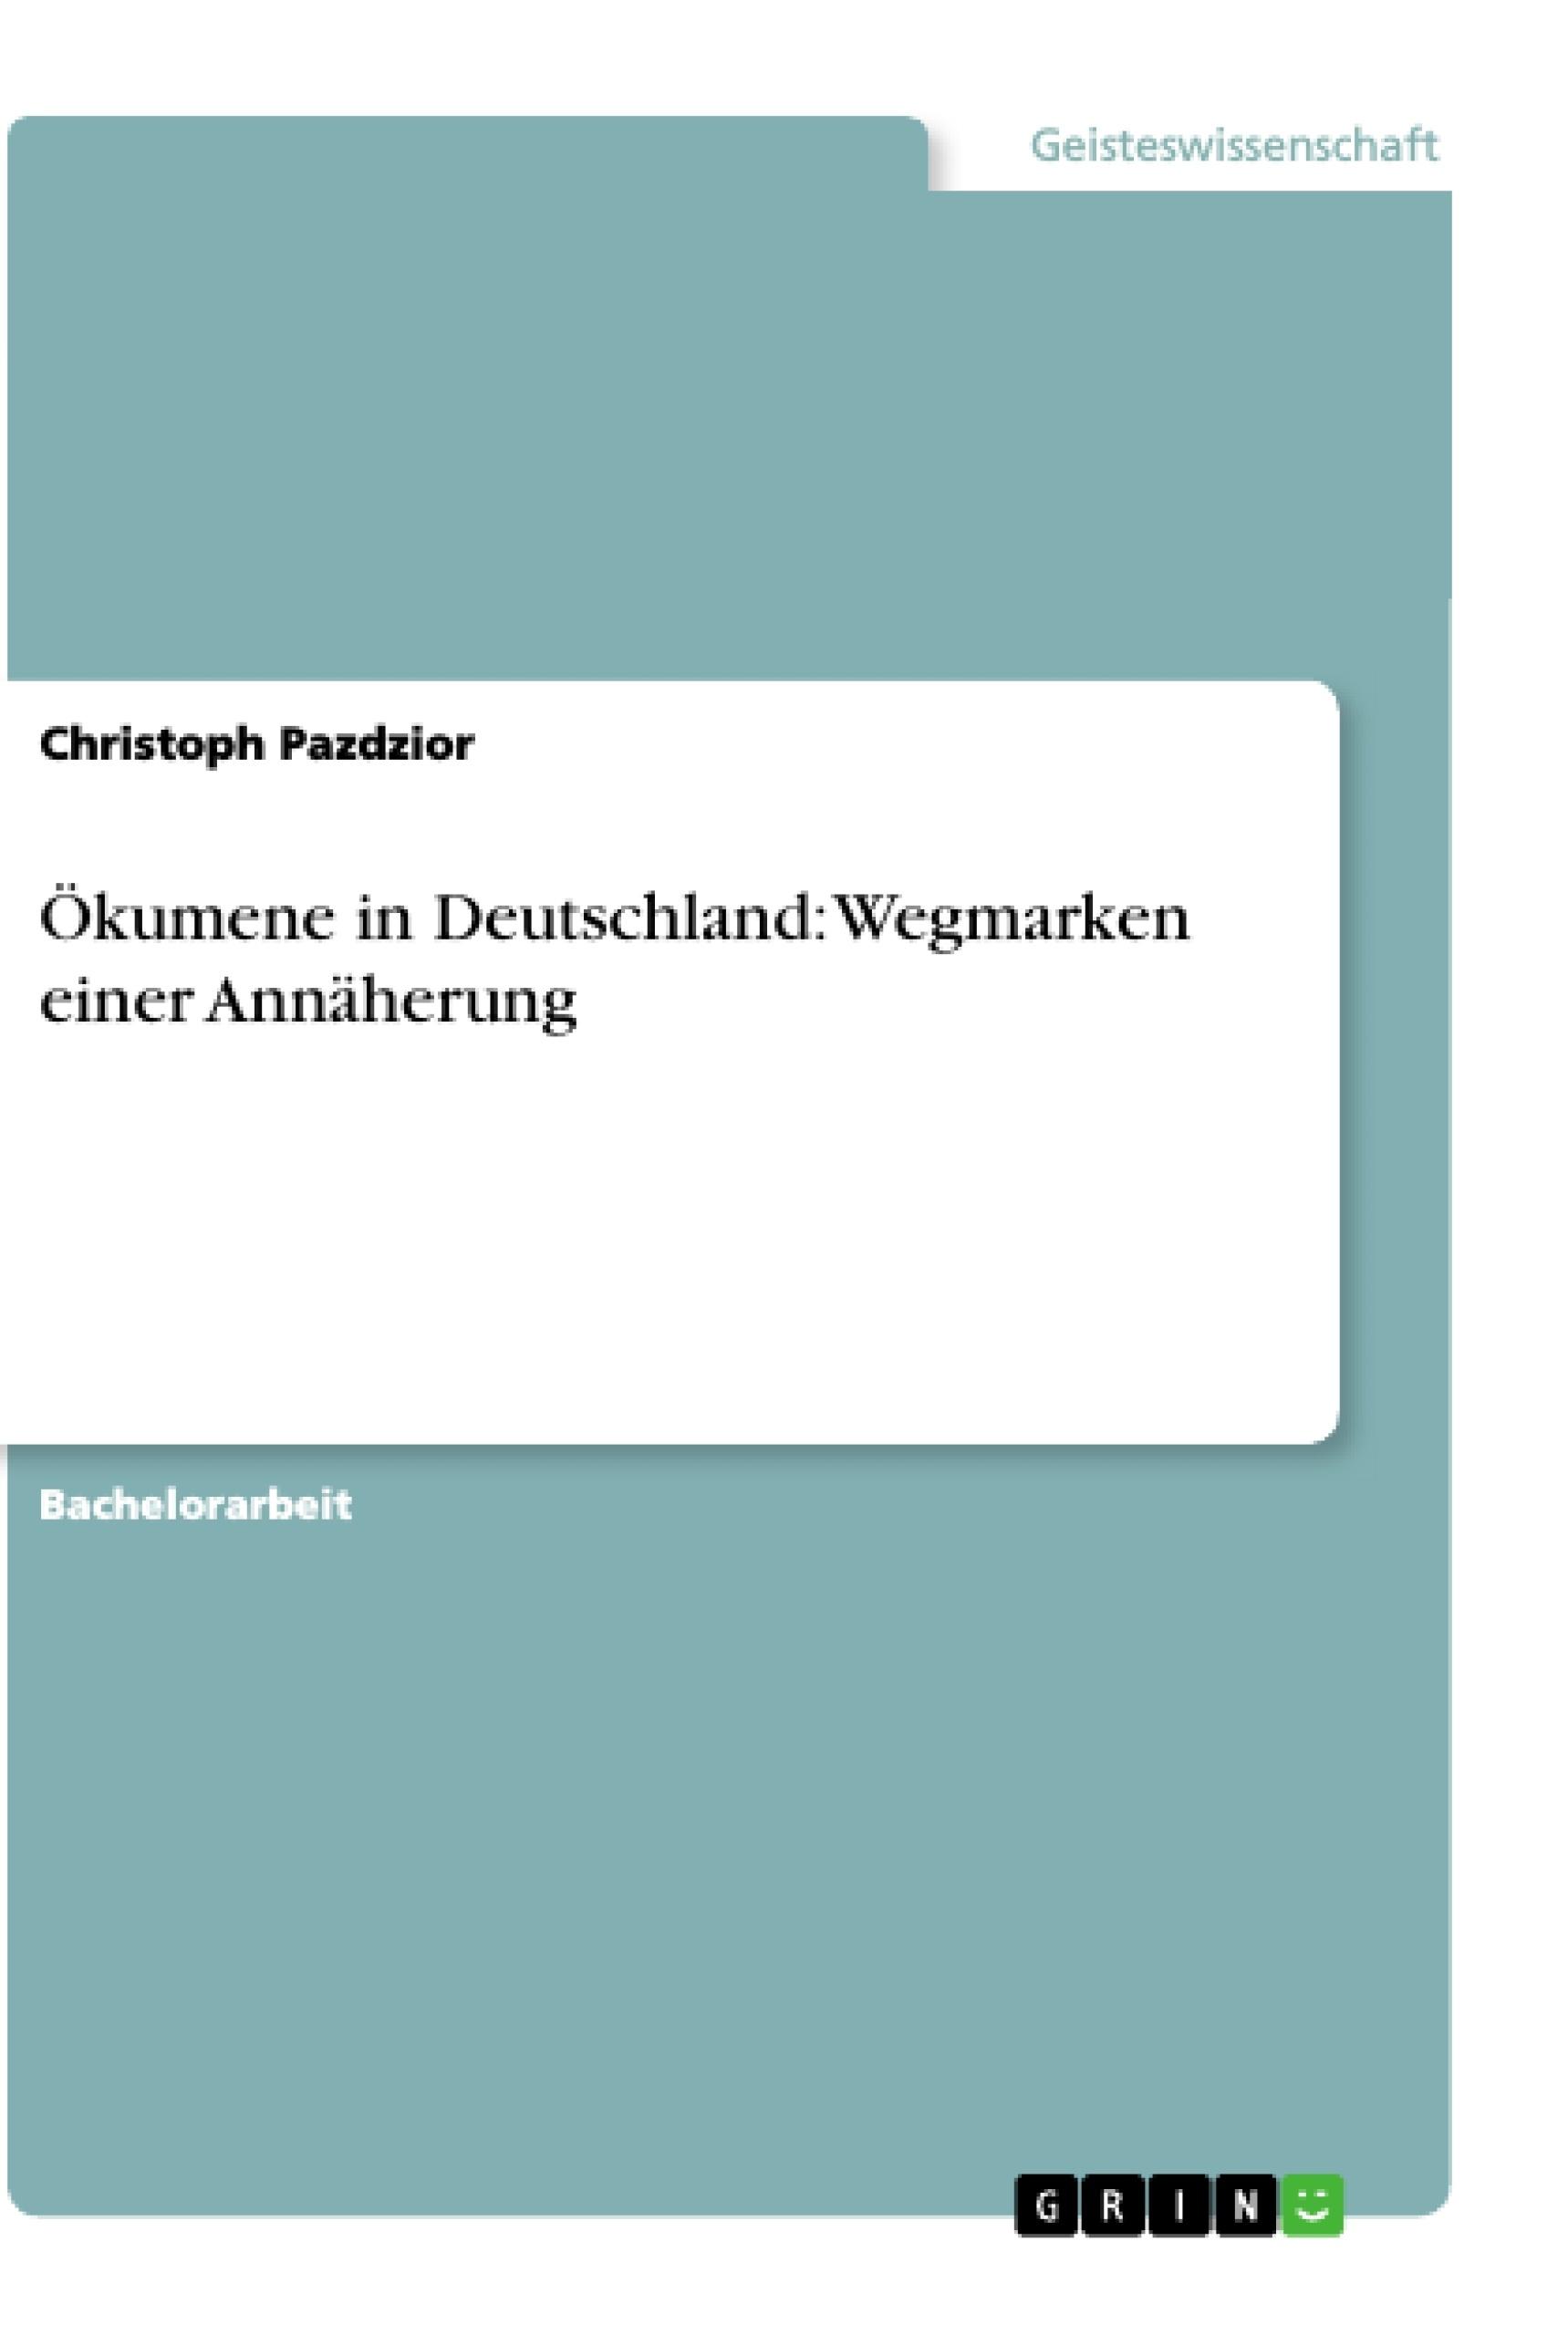 Titel: Ökumene in Deutschland: Wegmarken einer Annäherung